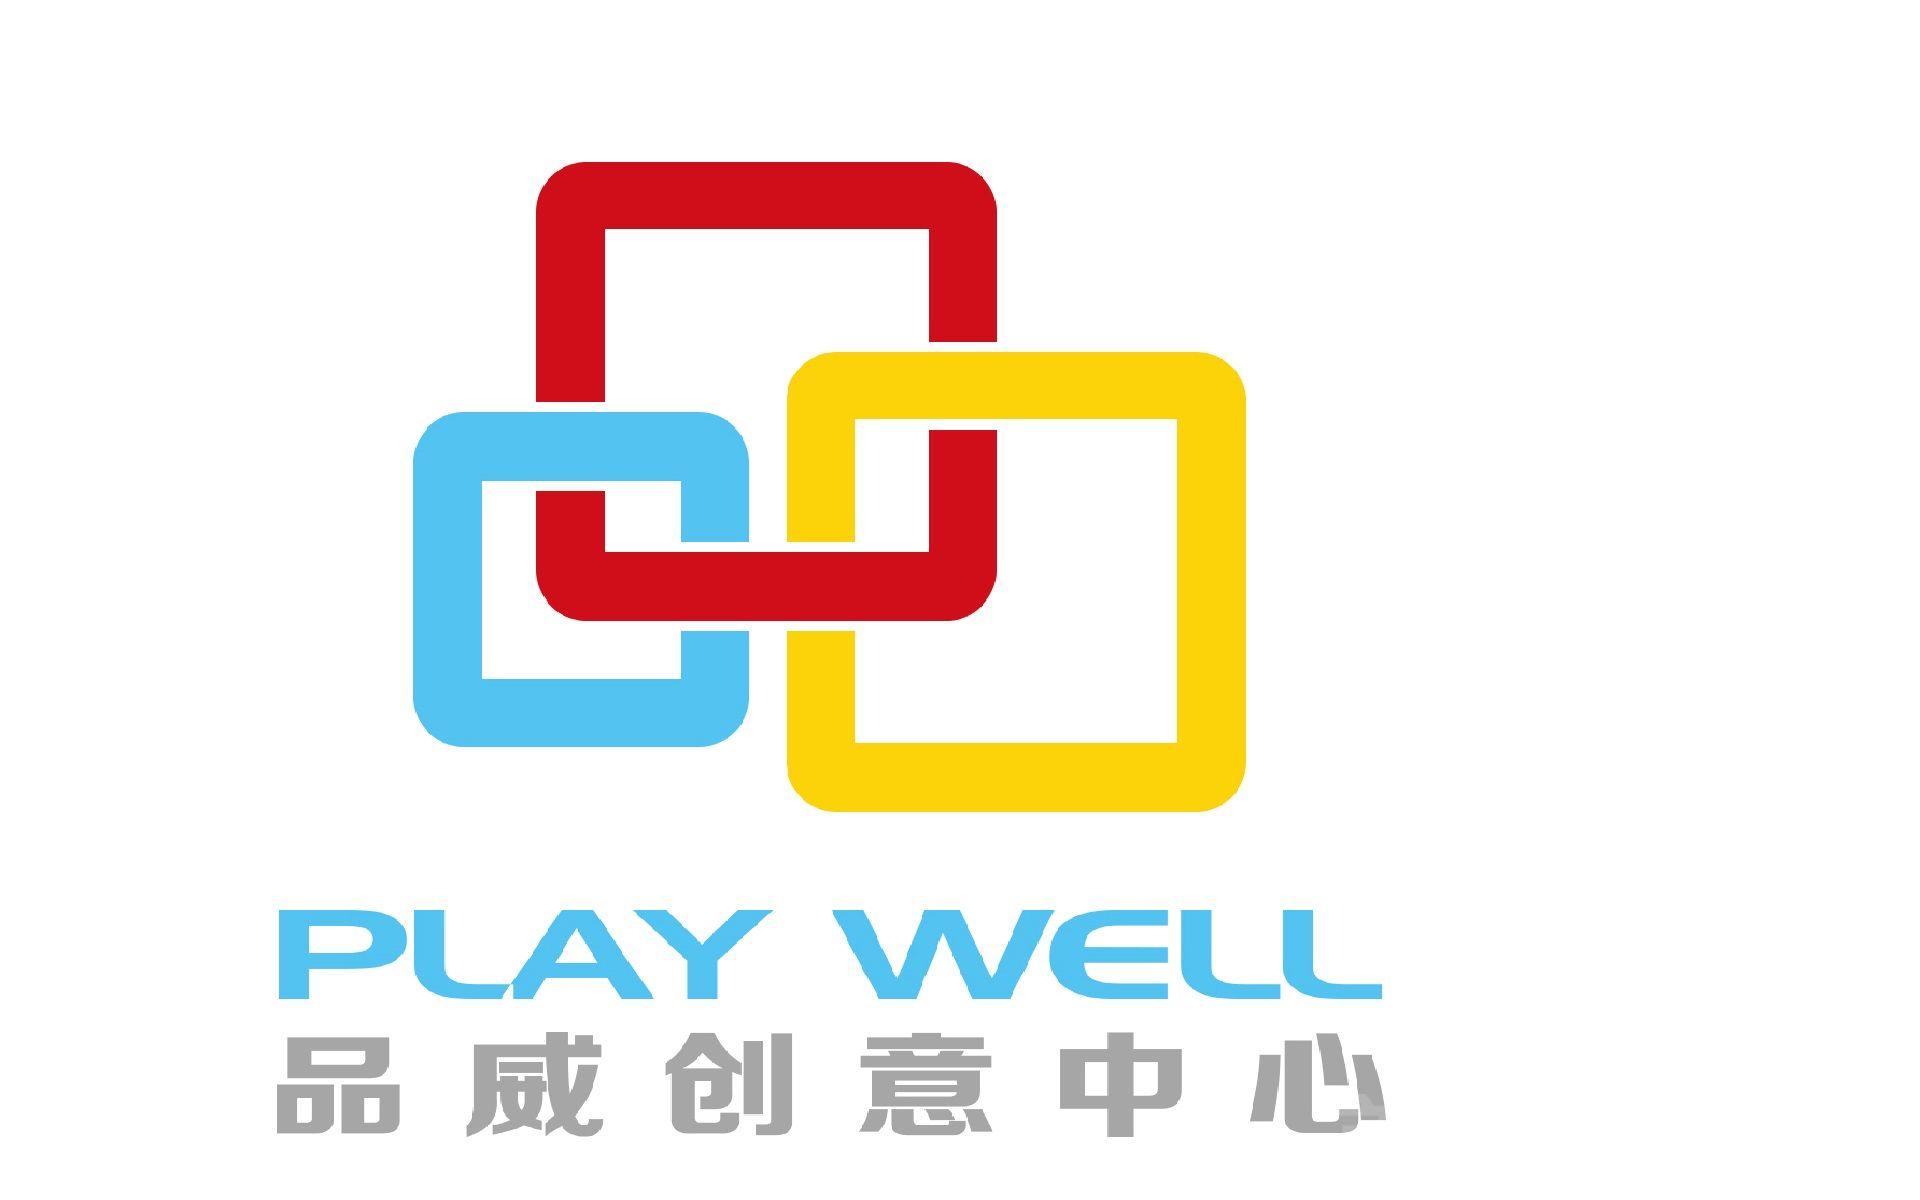 logo logo 标志 设计 矢量 矢量图 素材 图标 1920_1200